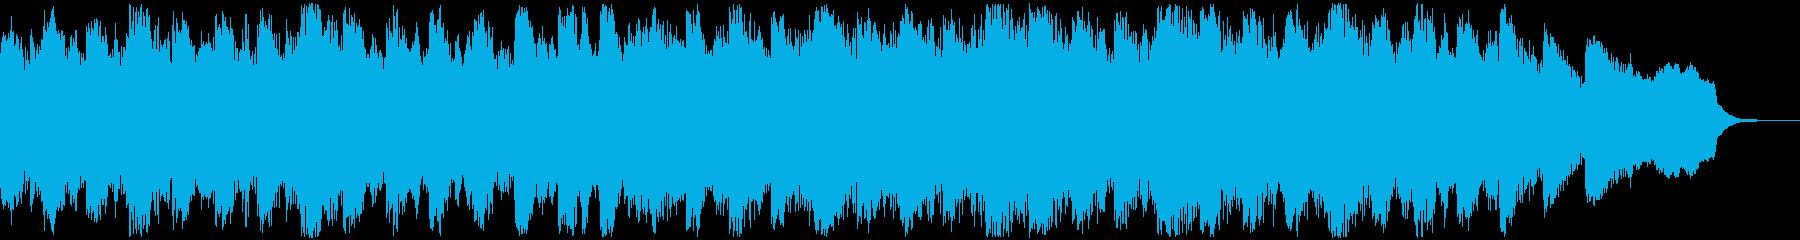 生録りコーラスを使用したホラーBGMの再生済みの波形